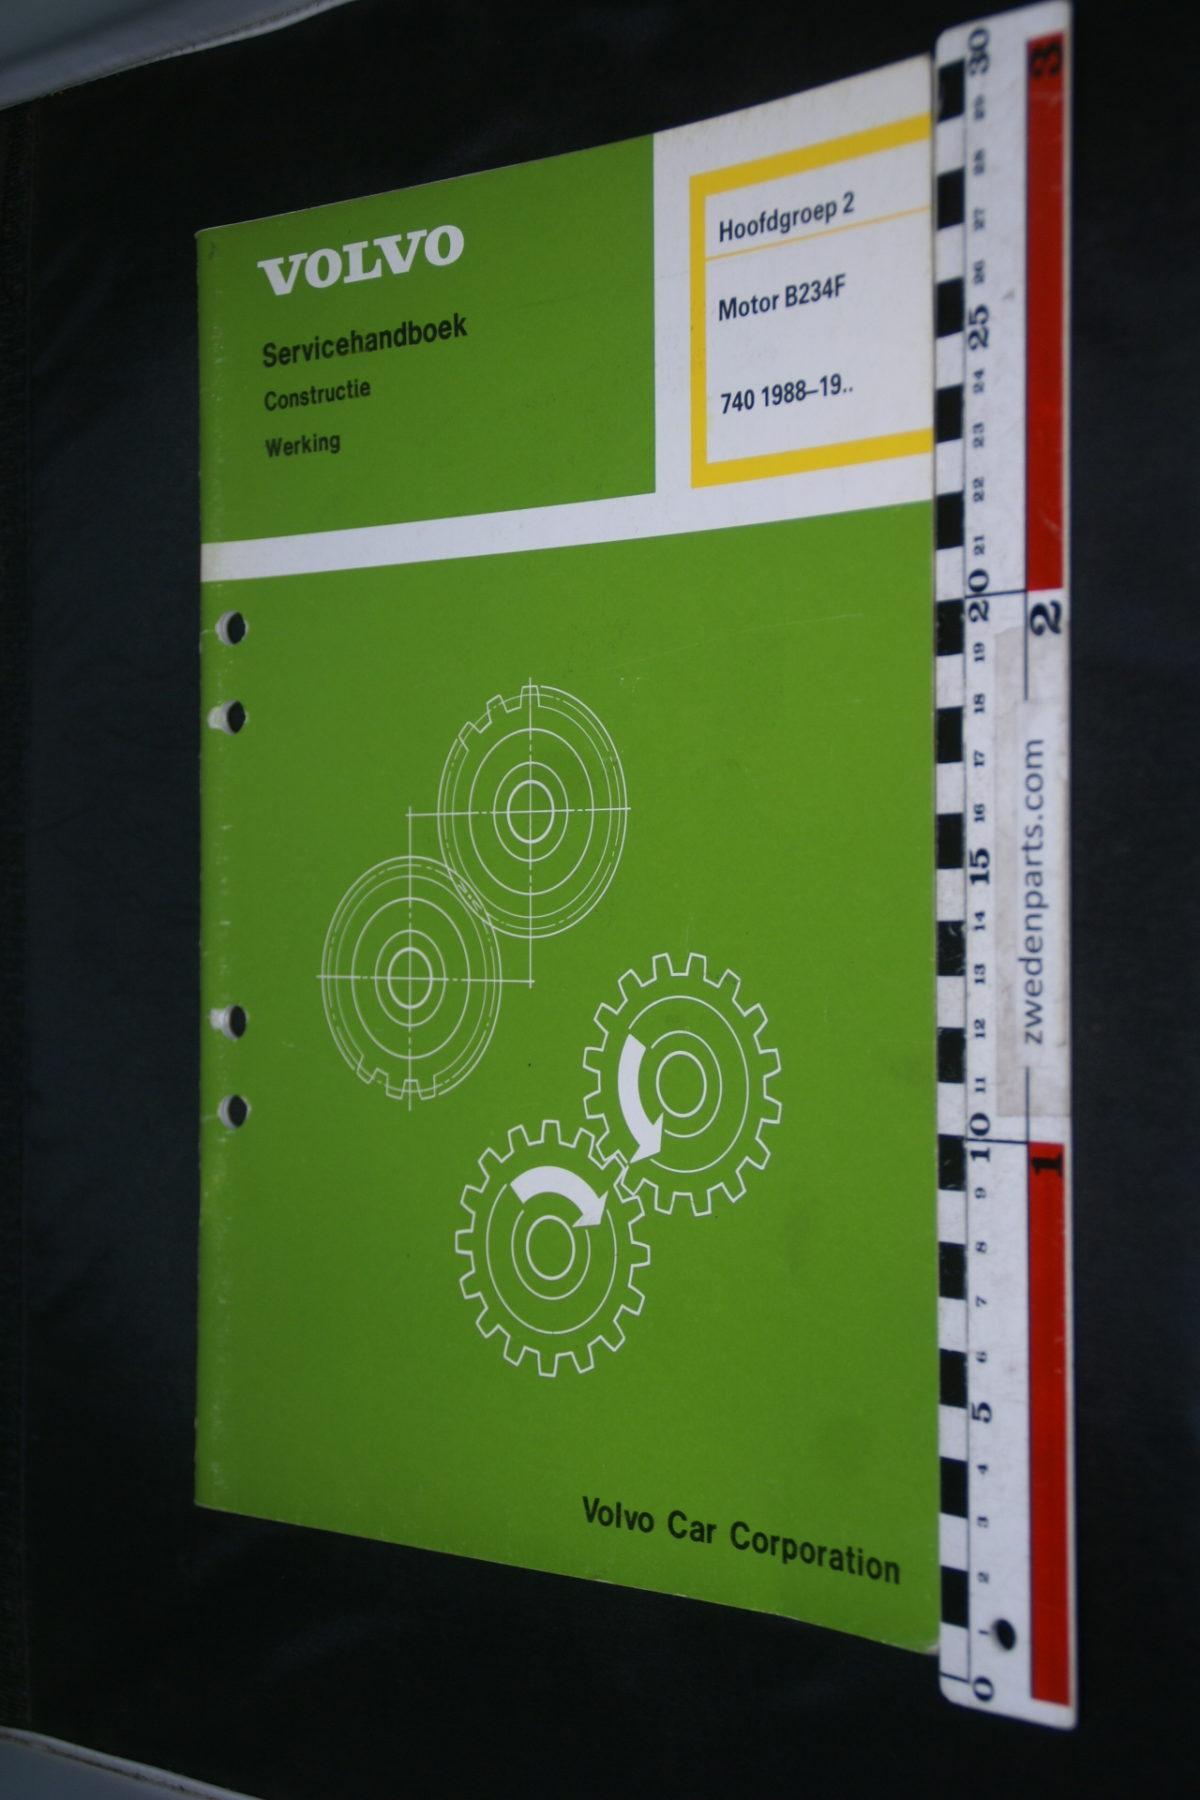 DSC08642 1988 origineel Volvo 740 servicehandboek  2 motor B234F 1 van 800 TP 31265-2